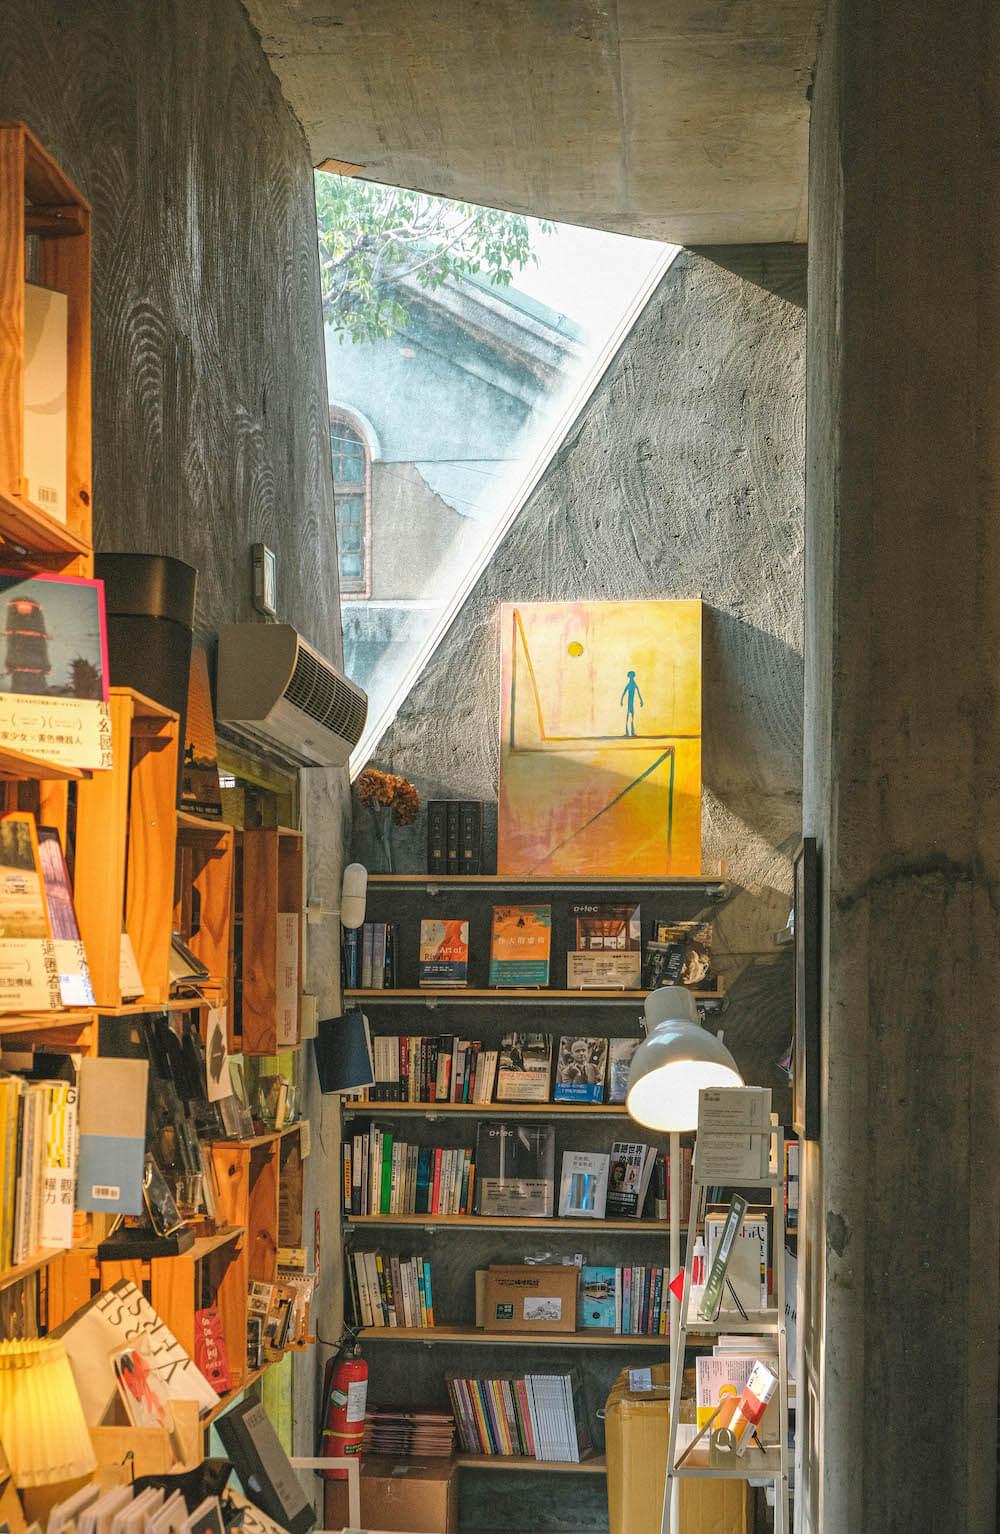 青鳥 Bleu&Book:華山秘密花園複合式書店咖啡廳,清水模搭配木系書櫃打造優雅空間